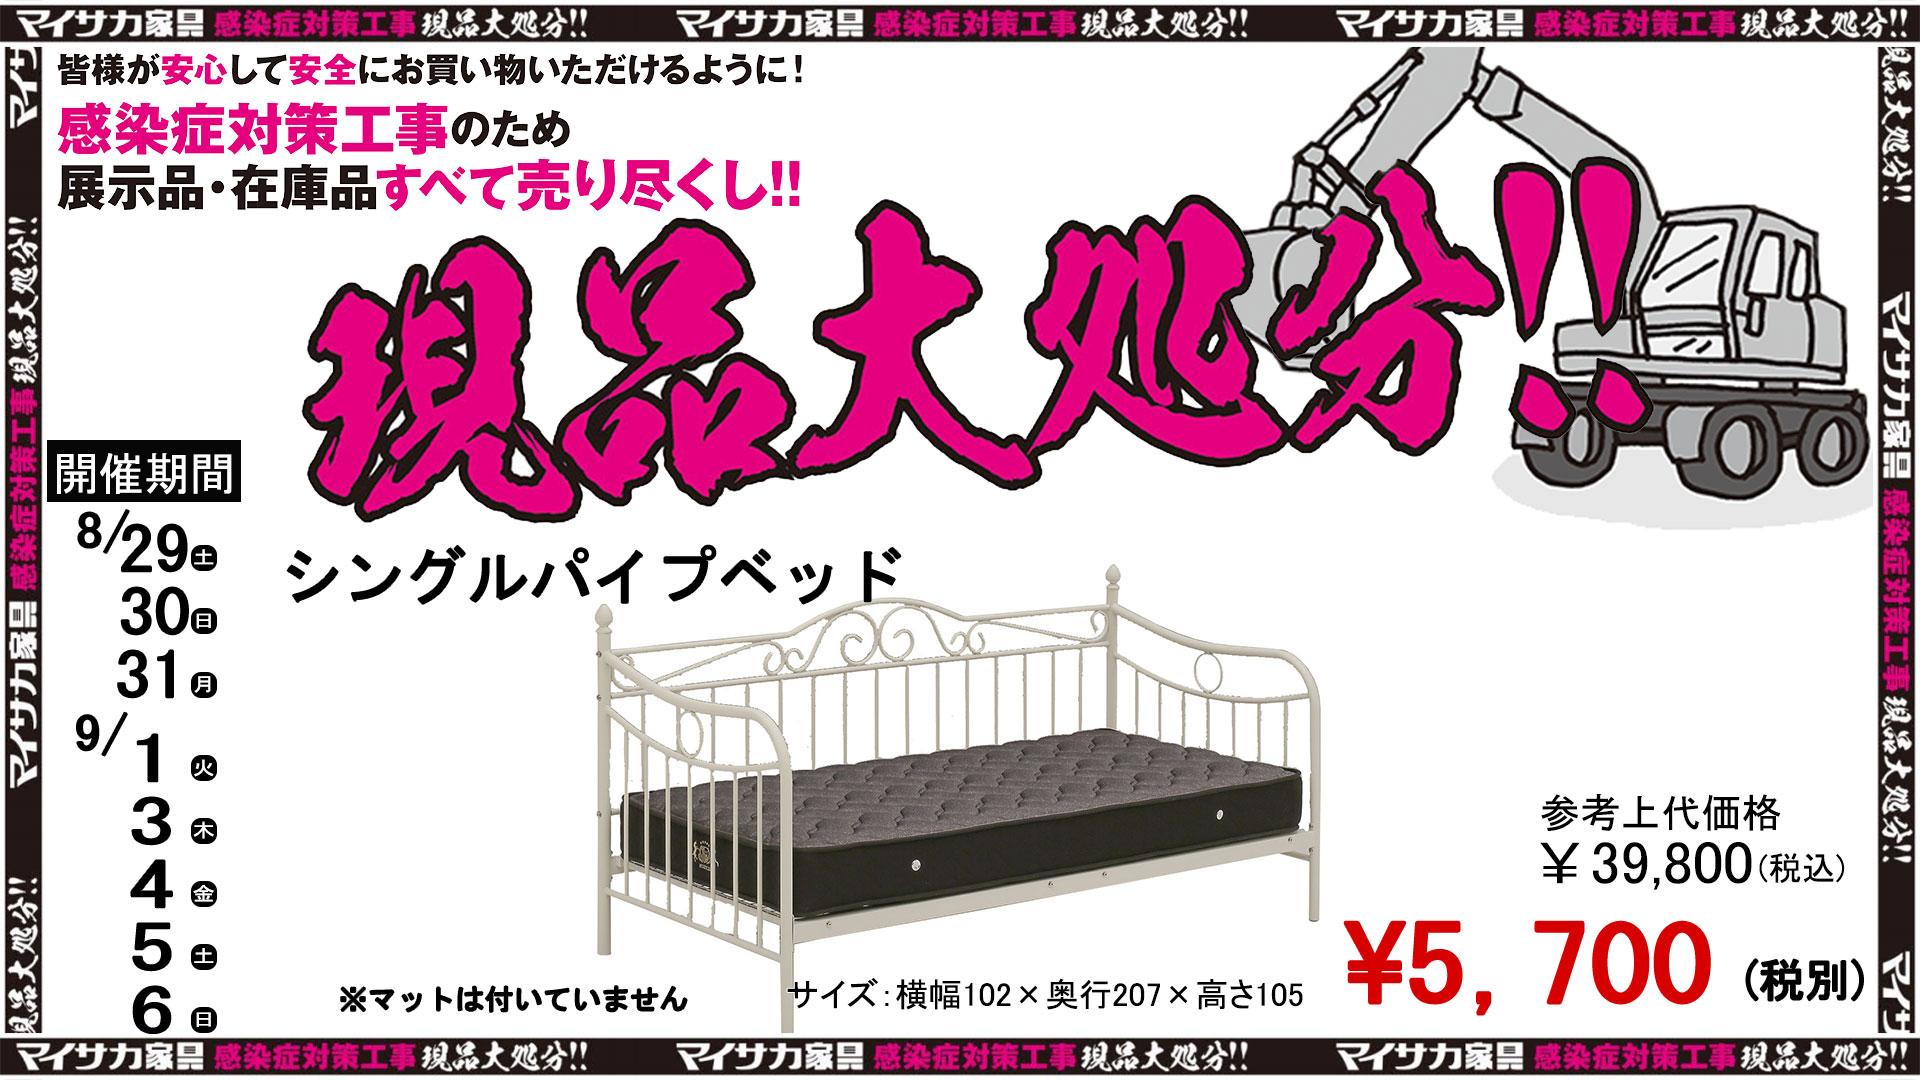 リビンズのベッドフレーム「ビーグル」のチラシの画像